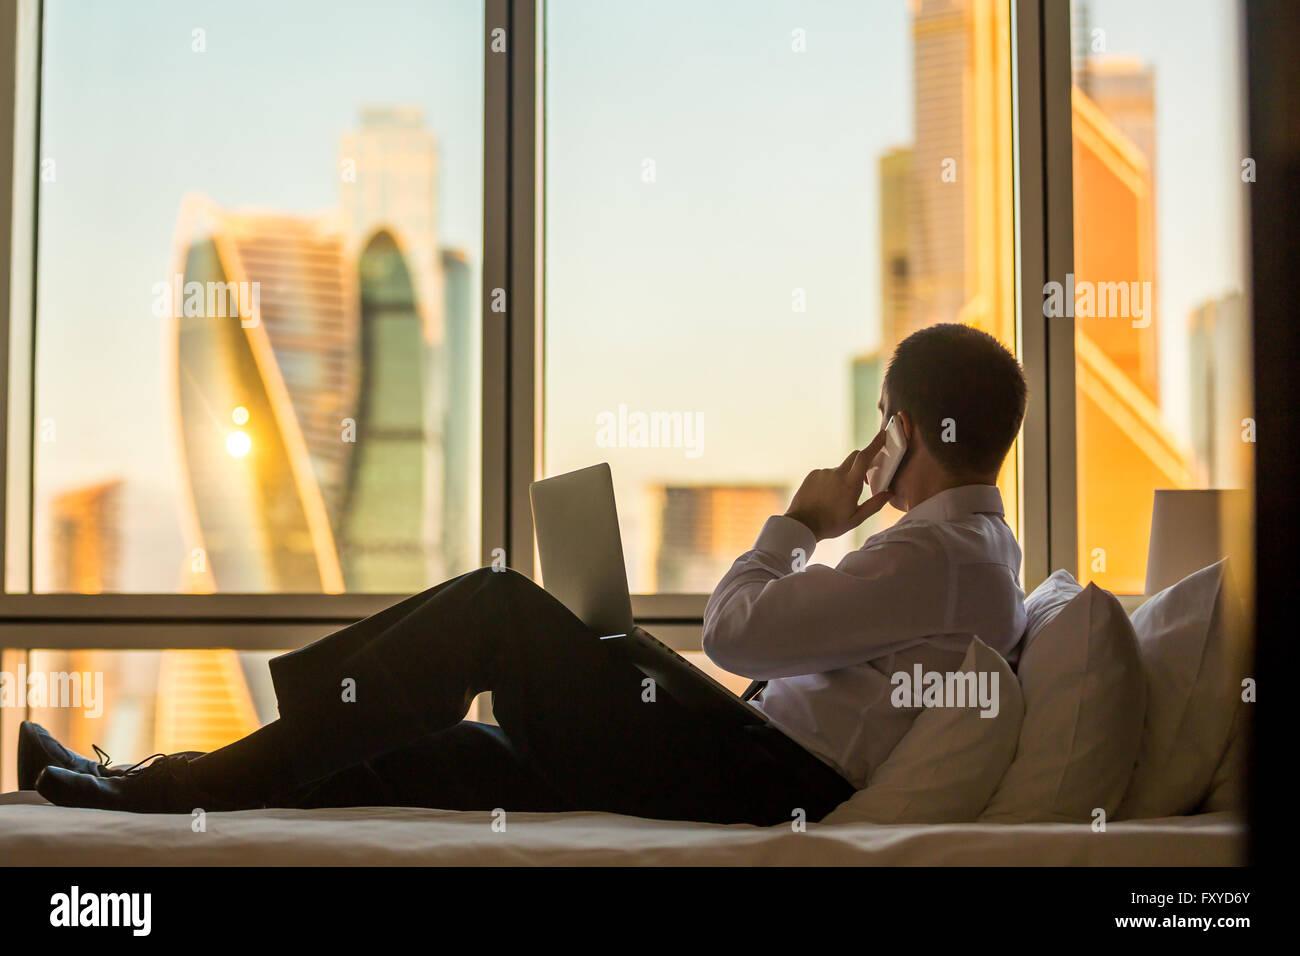 Agentes que trabajan en casa o de viaje. Apuesto joven empresario sentada en la cama con el portátil y hacer Imagen De Stock